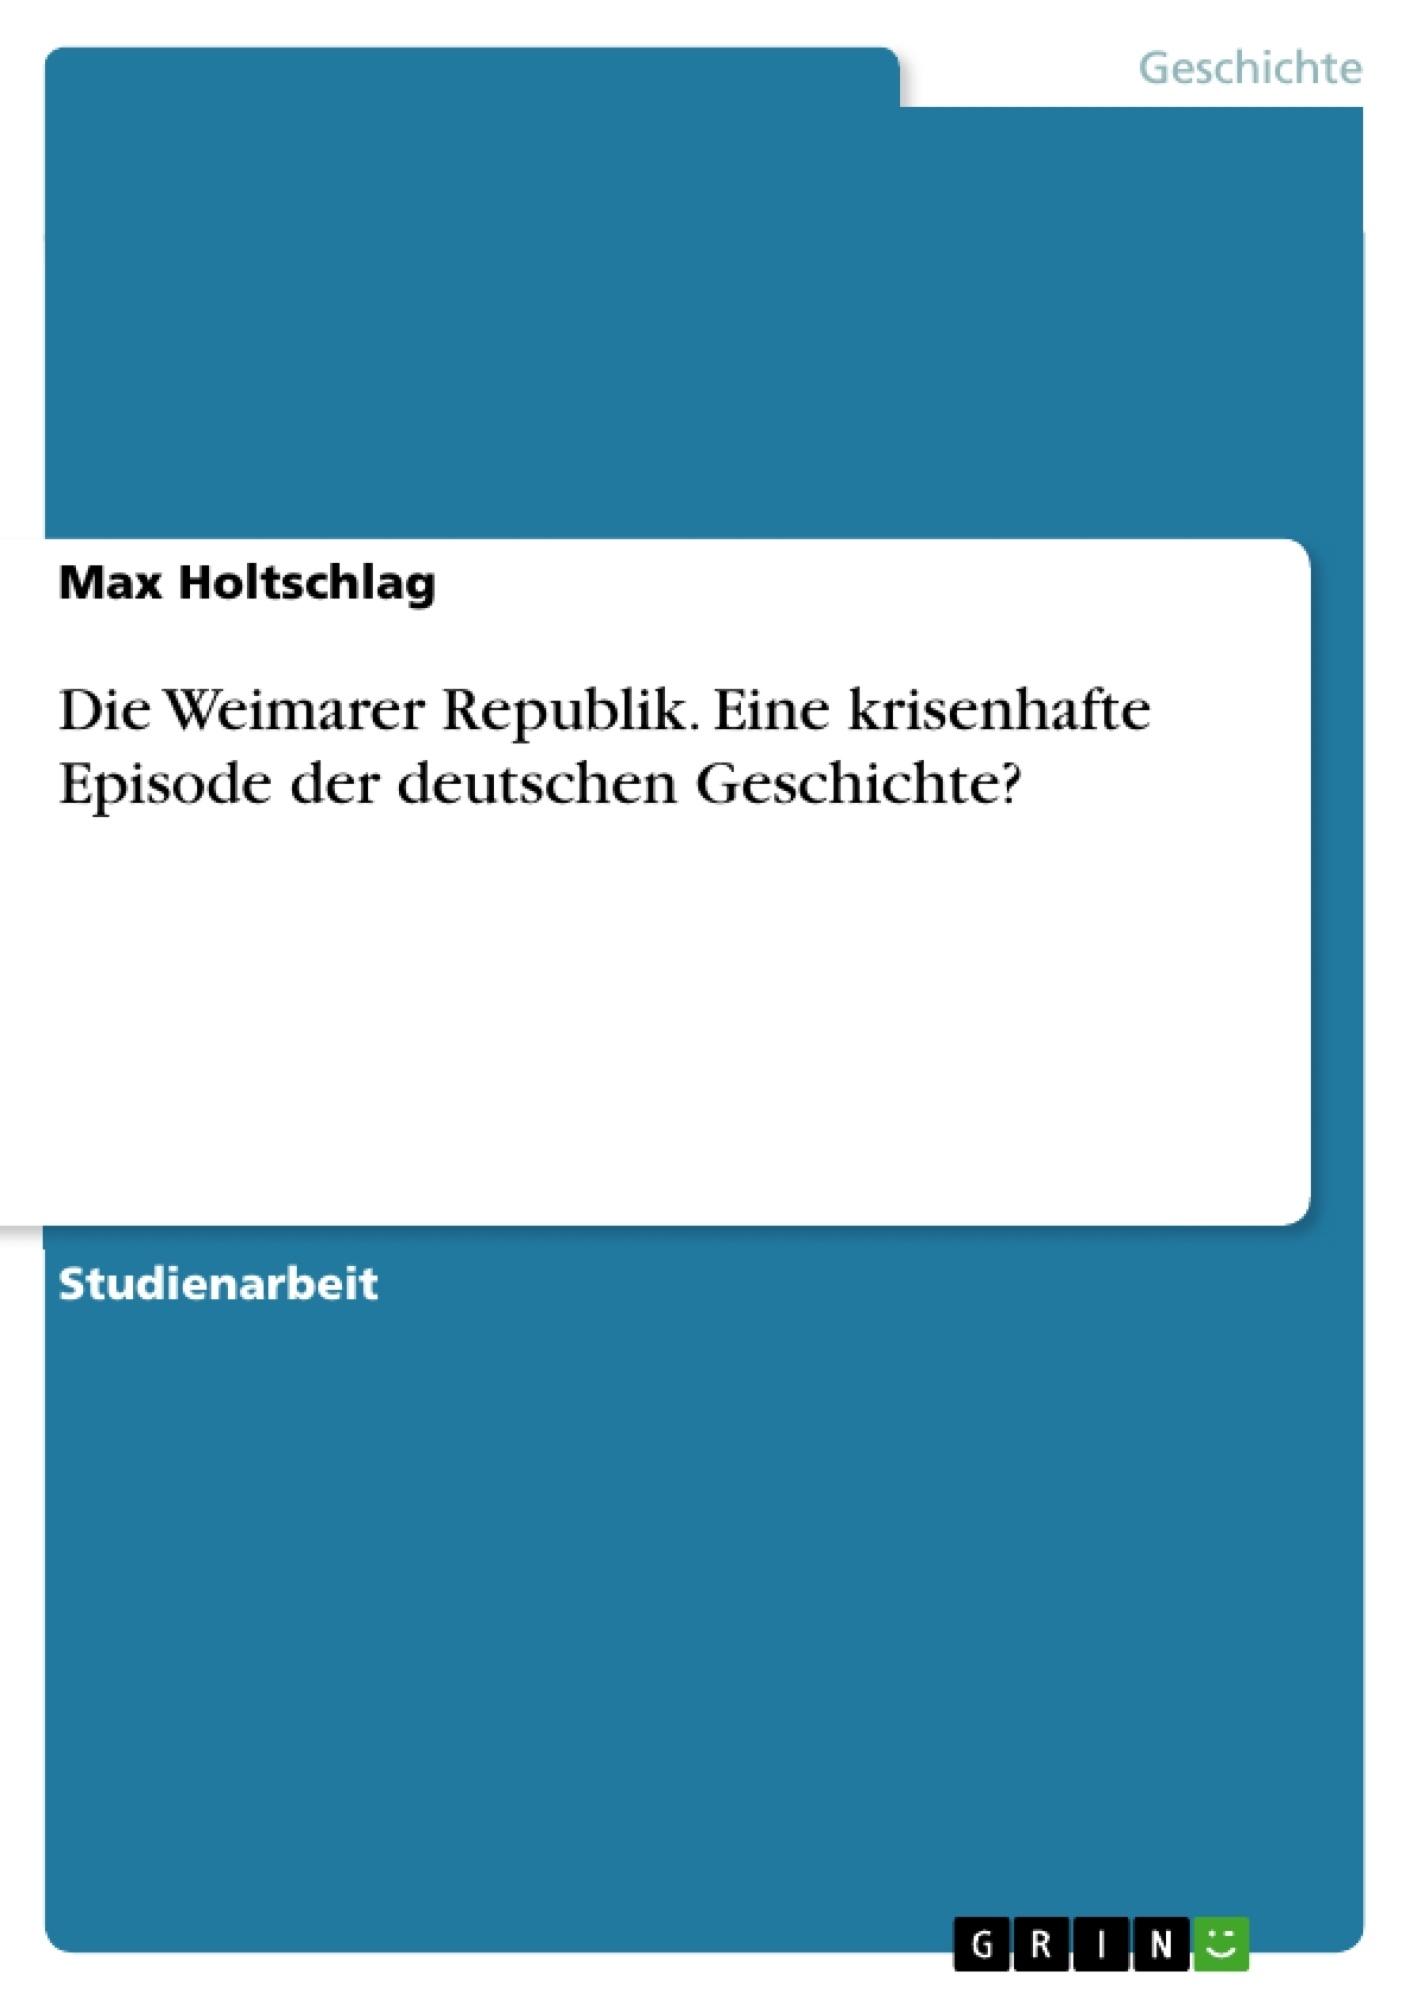 Titel: Die Weimarer Republik. Eine krisenhafte Episode der deutschen Geschichte?